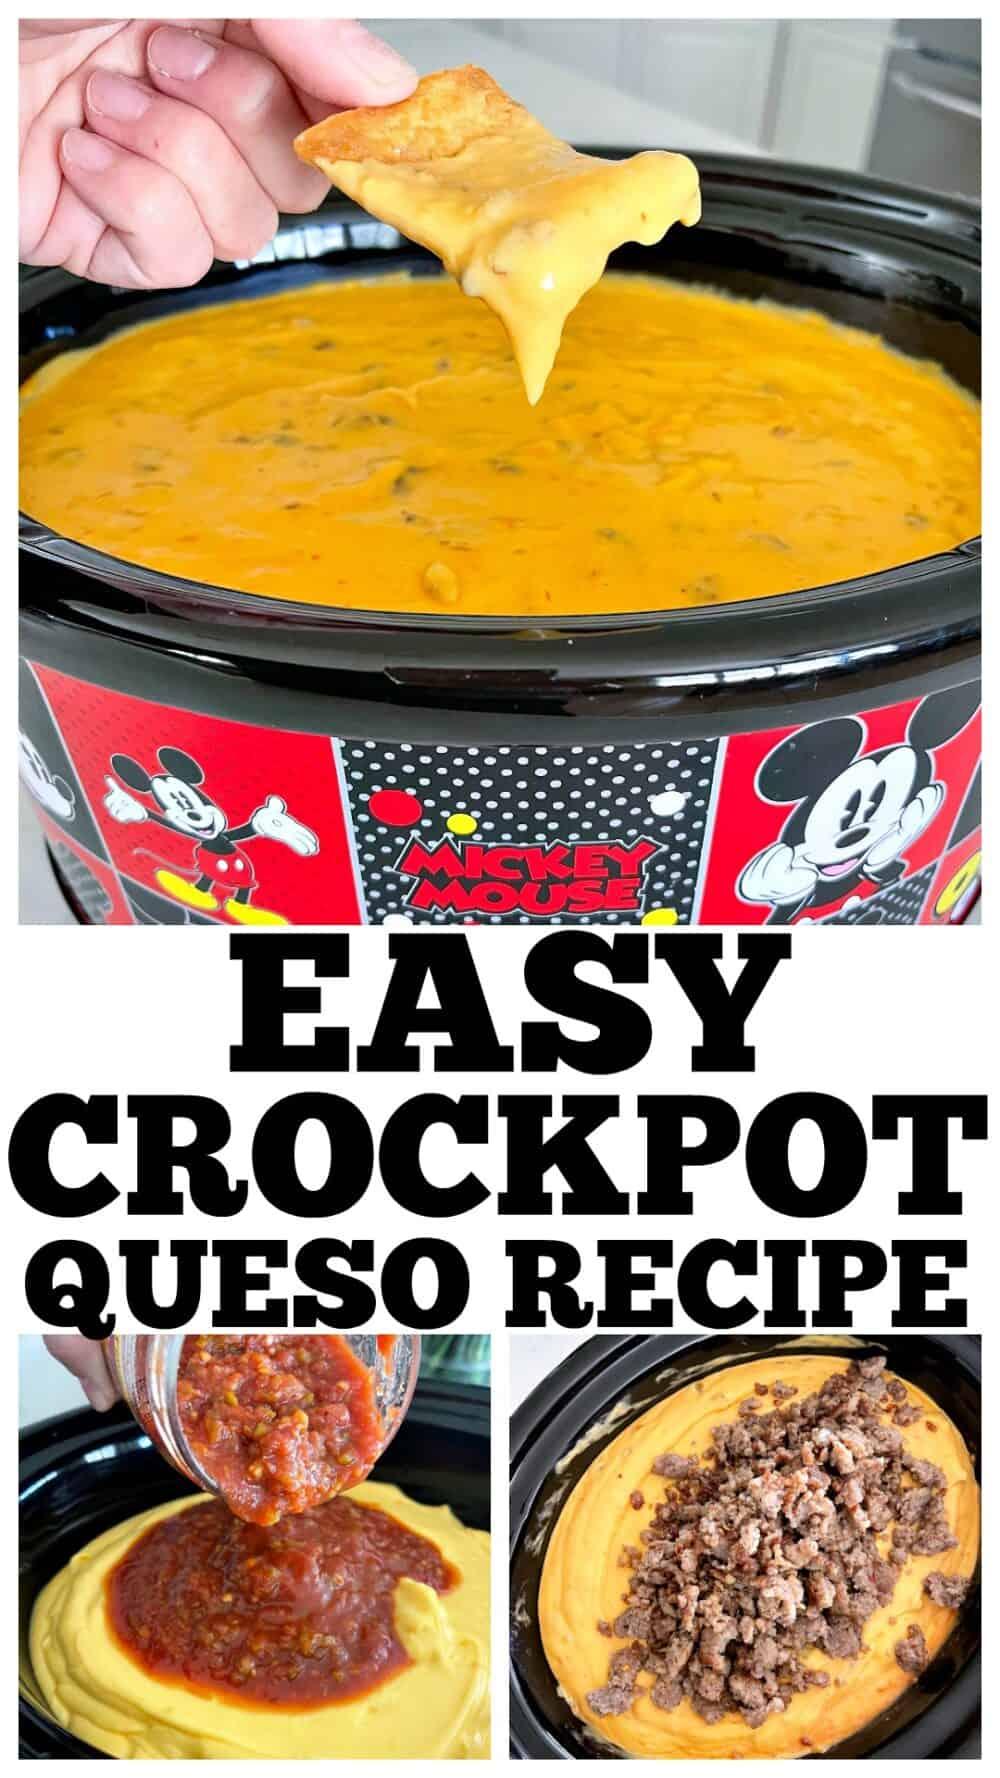 photo collage of crockpot queso recipe